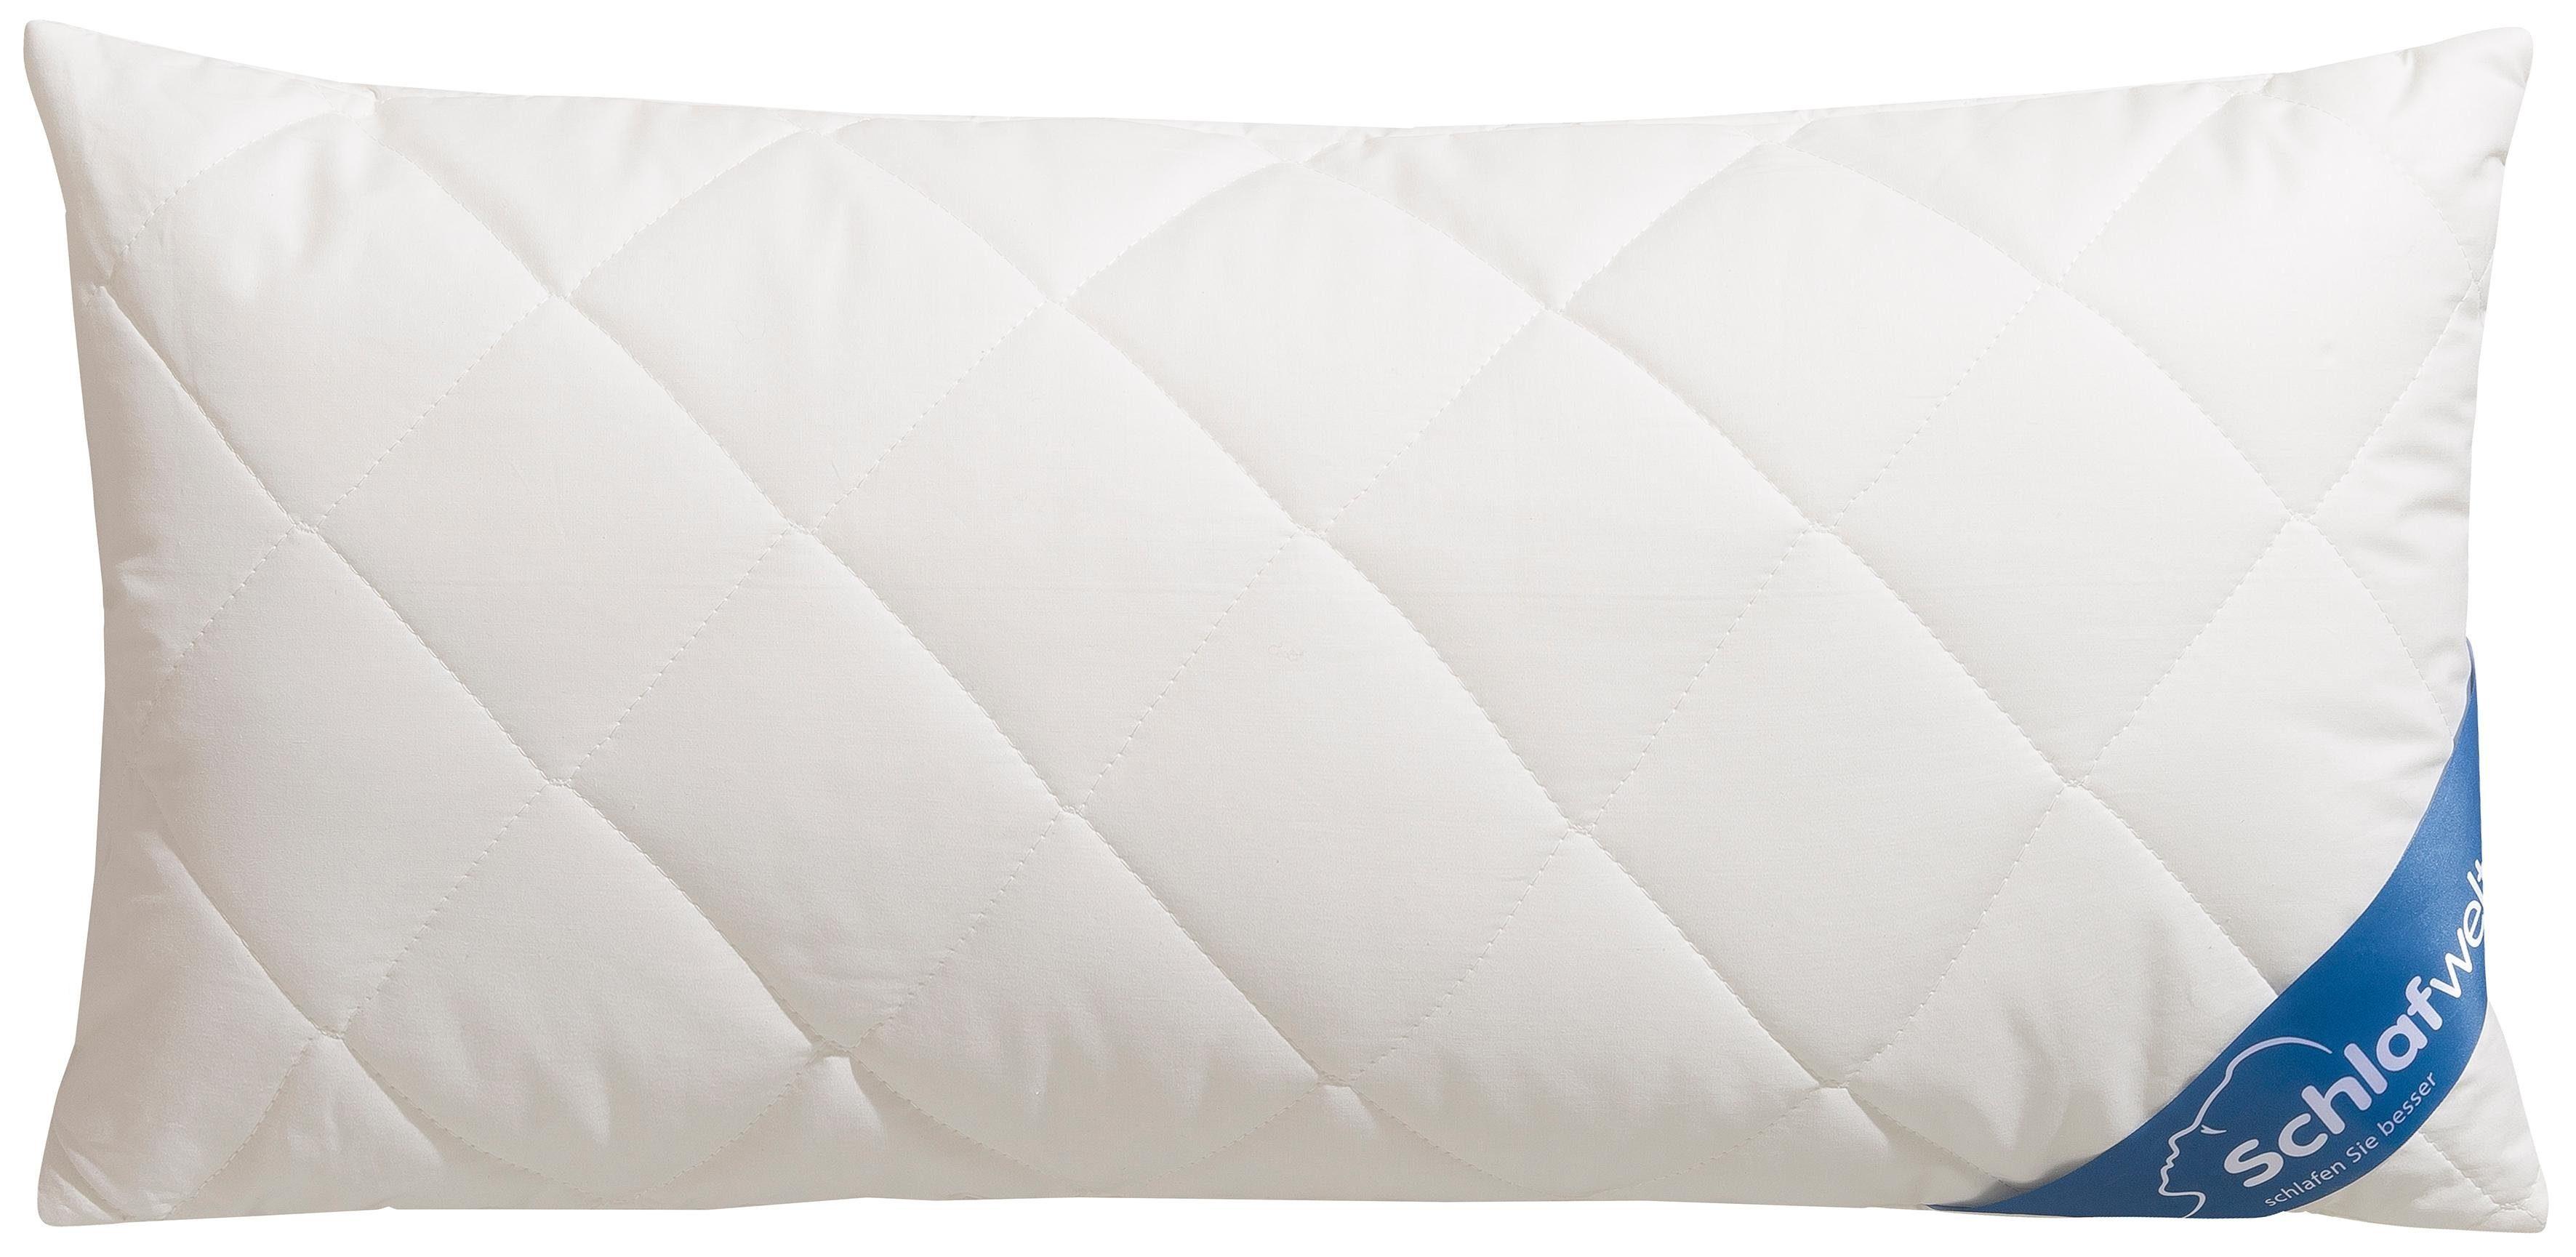 Naturfaserkopfkissen, »Tencel KbA«, Schlafwelt, Füllung: Faserbällchen, Bezug: Baumwollgewebe aus Bio-Baumwolle, (1-tlg), Bezug mit Tencel versteppt